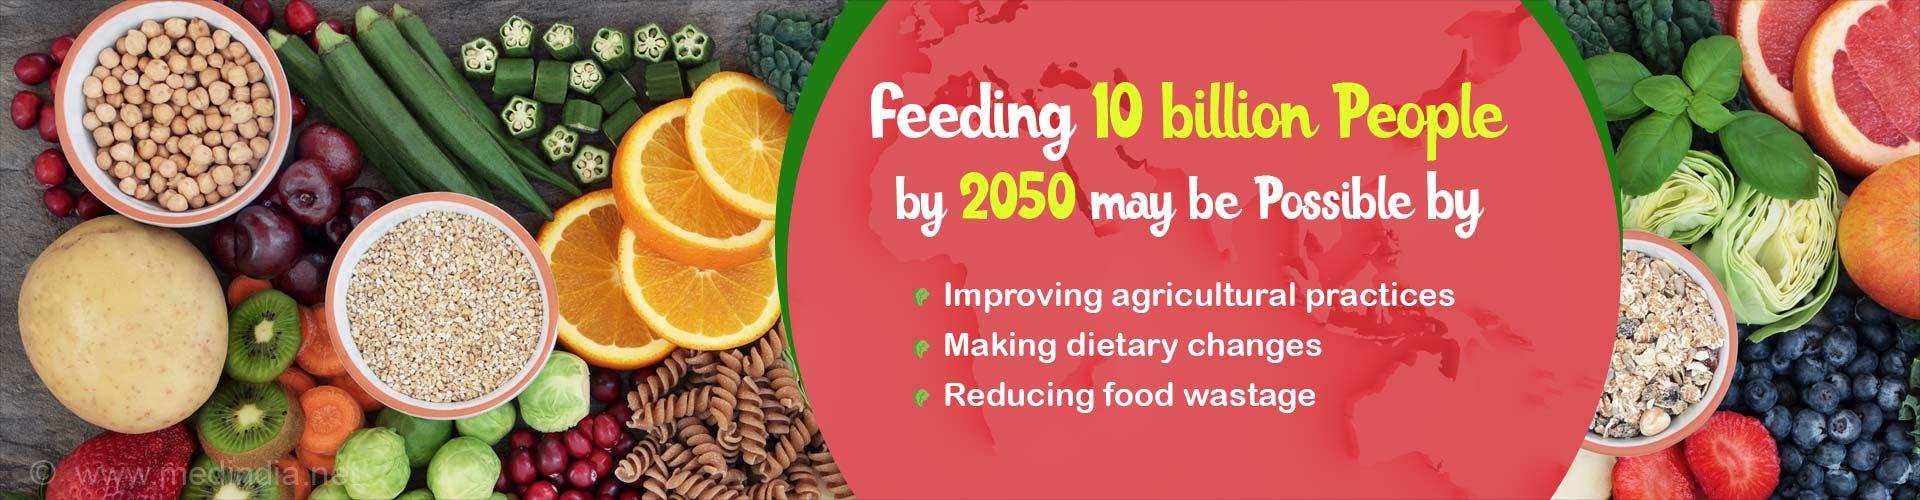 Feeding 10 Billion People by 2050: Is It be Possible?